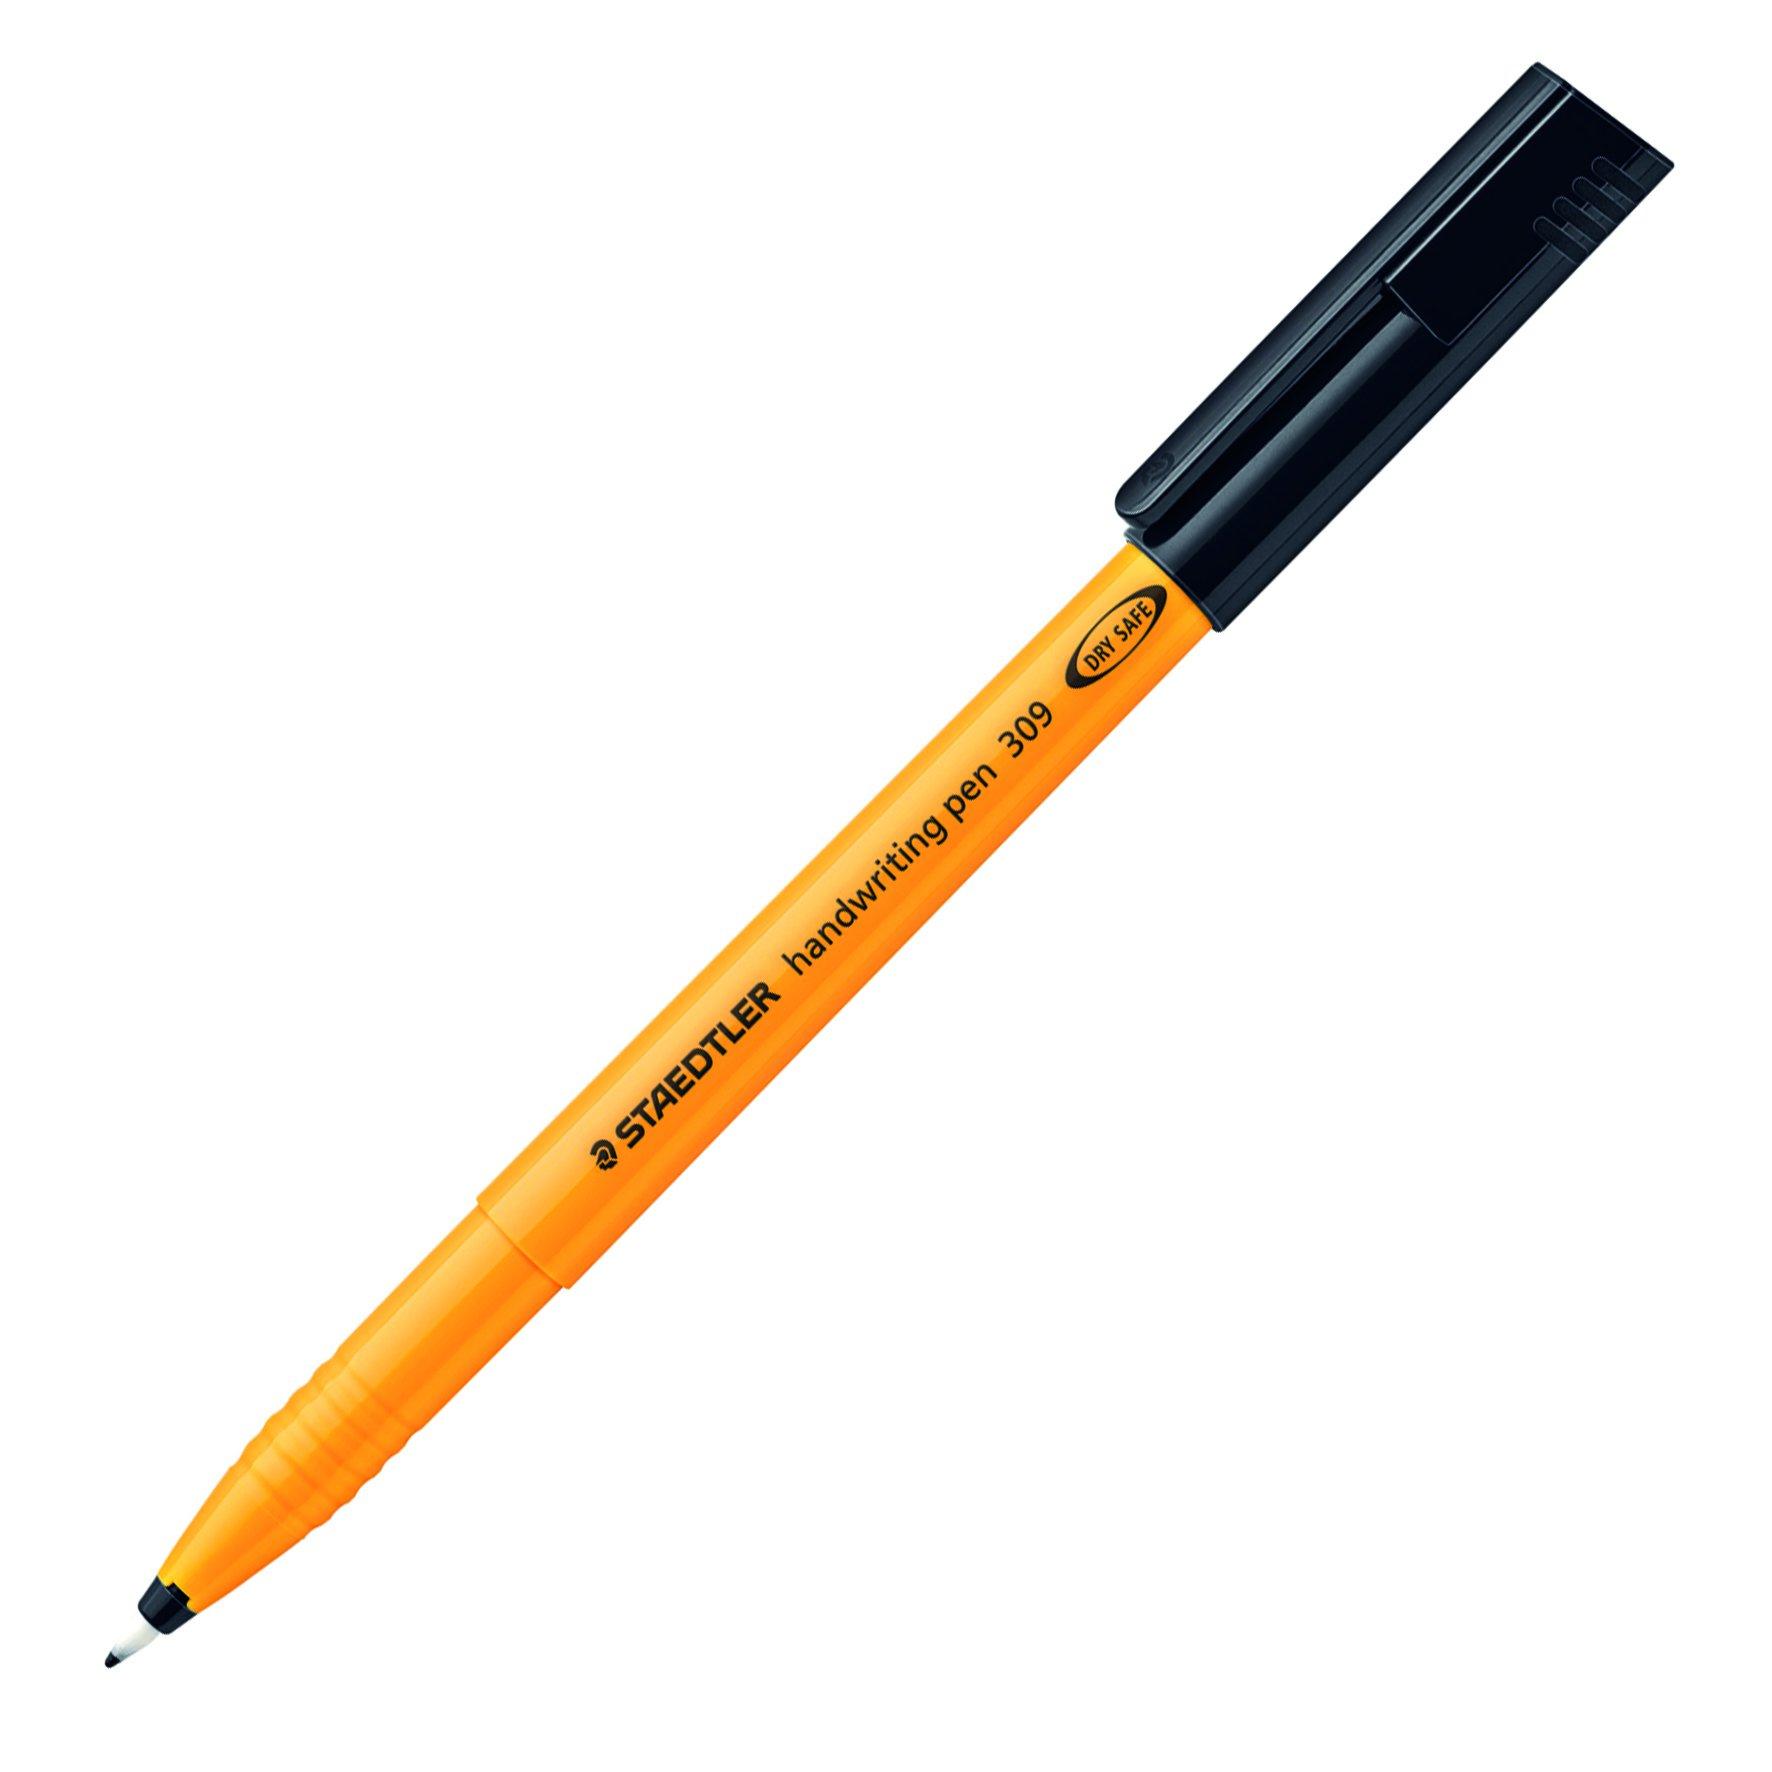 STAEDTLER 309 Handwrite Pen Black 309-9